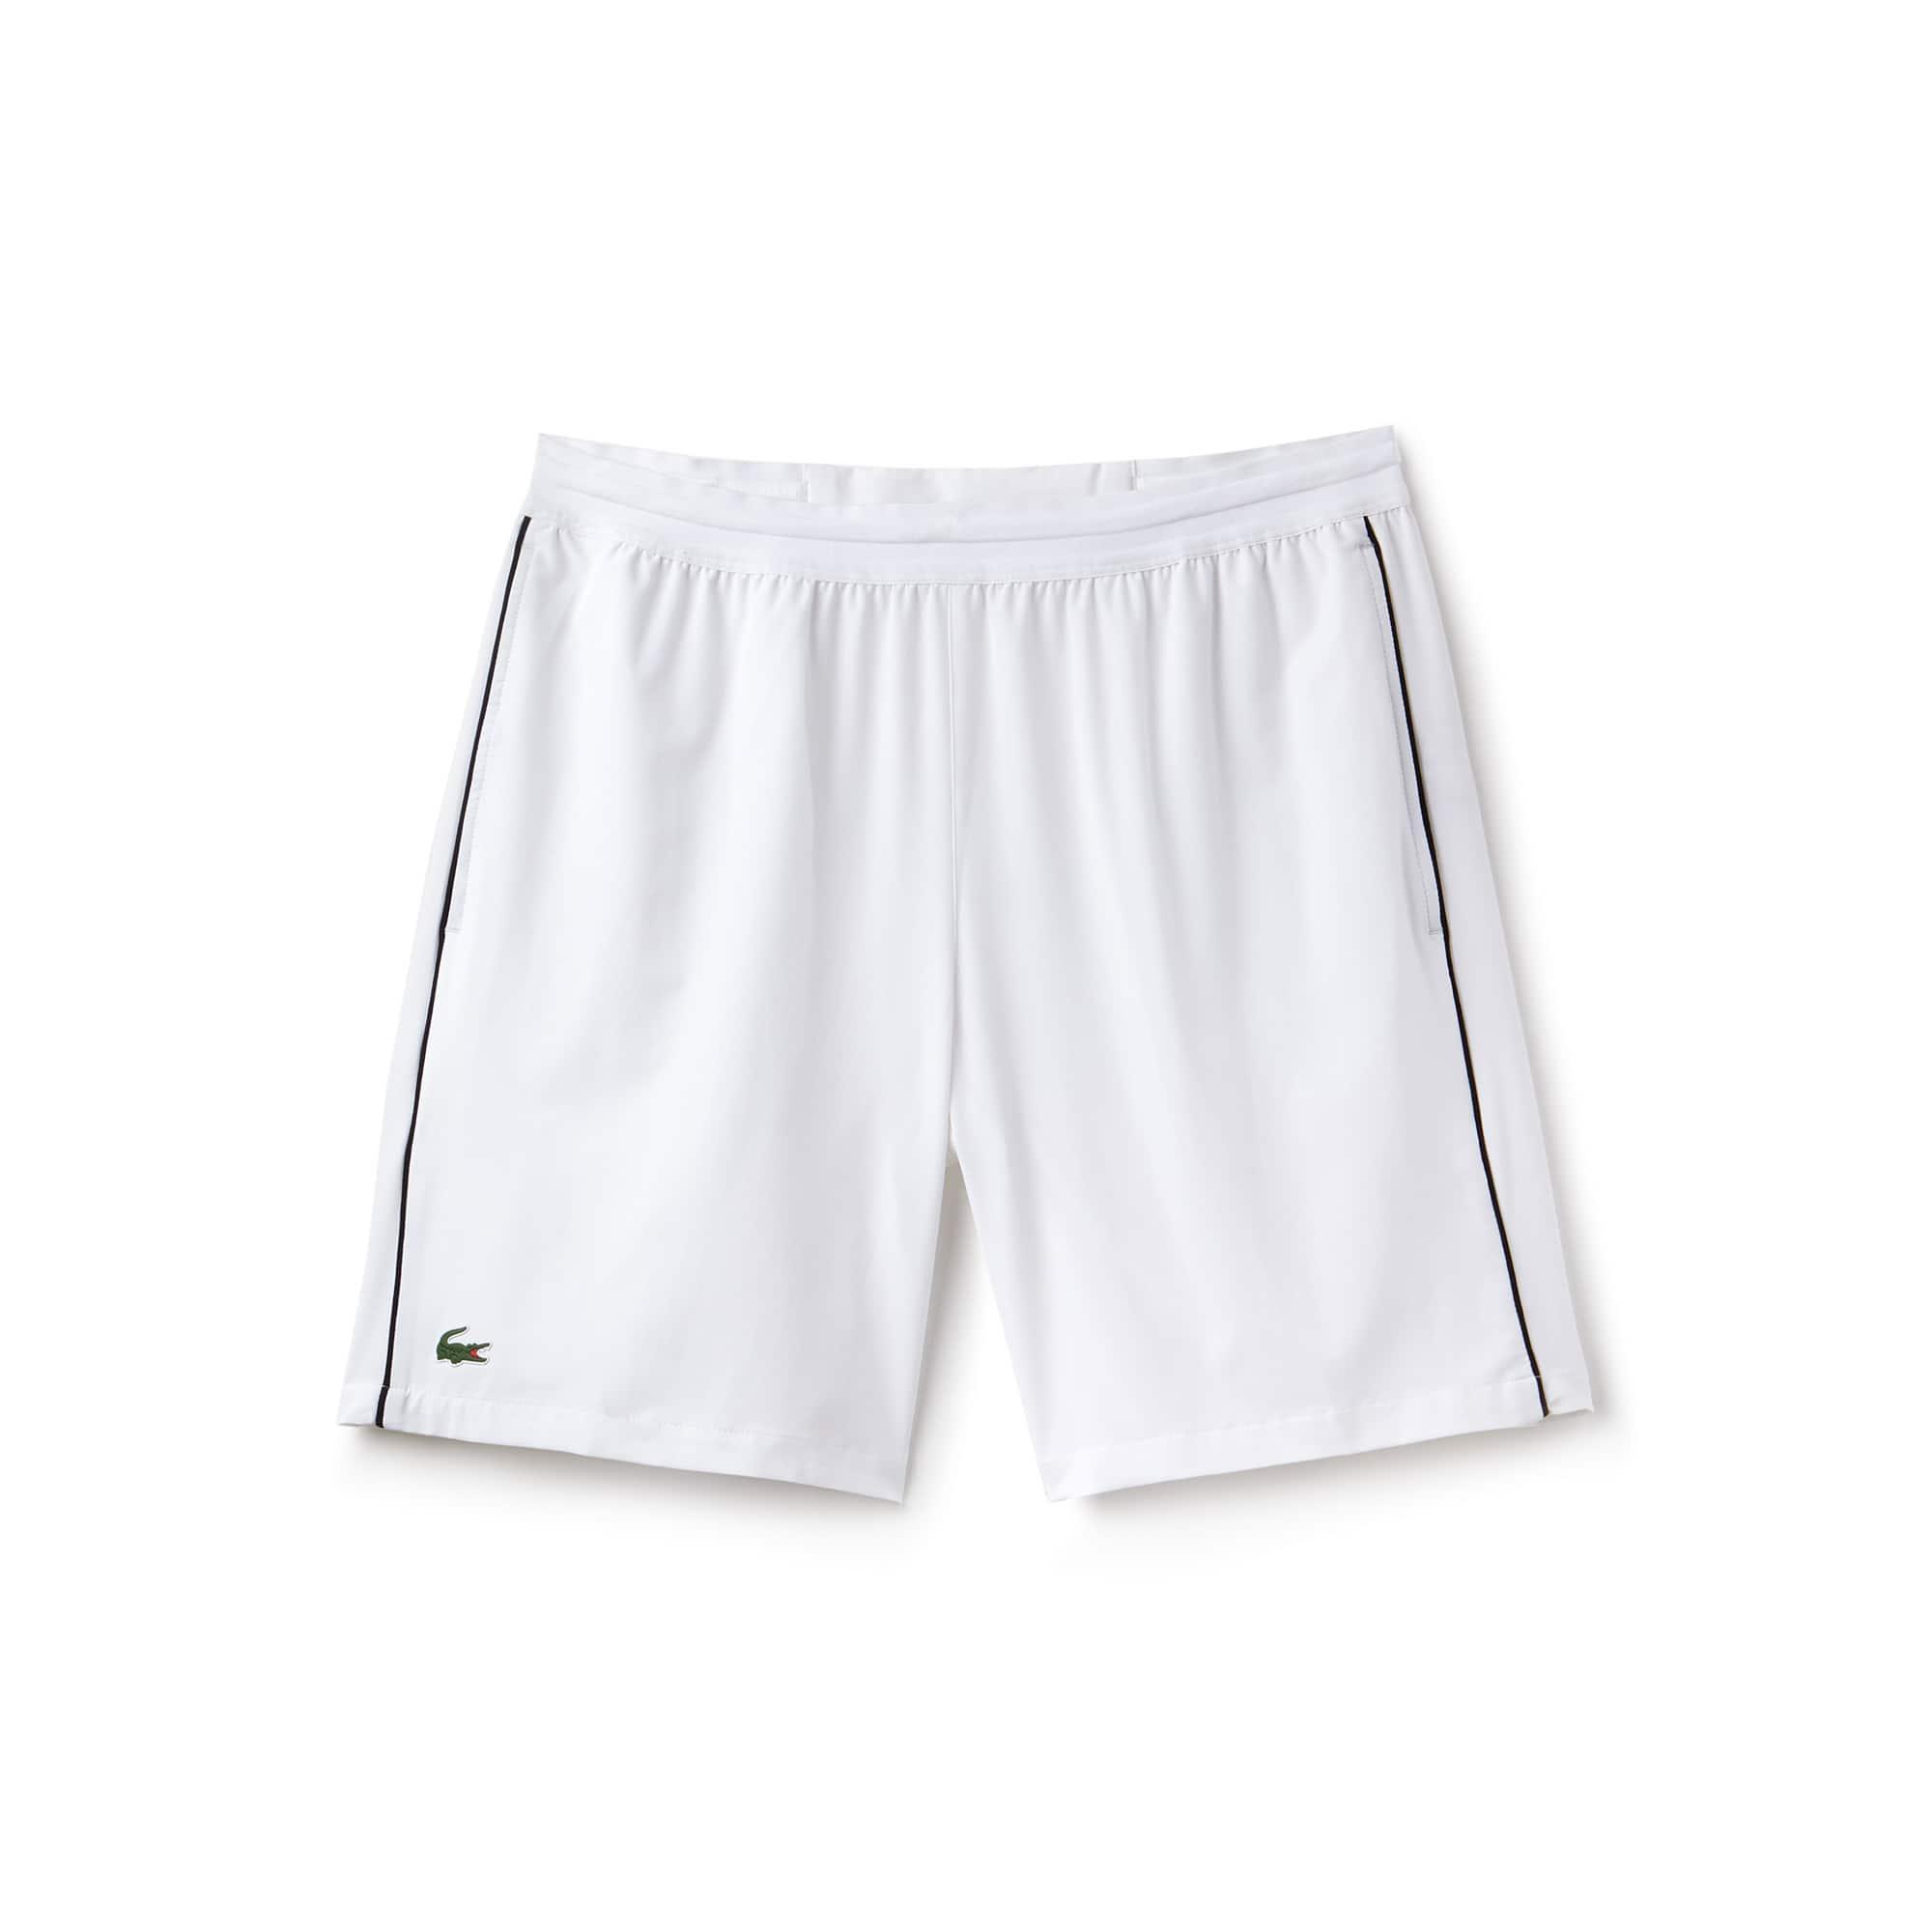 라코스테 스포츠 반바지 Lacoste Mens SPORT NOVAK DJOKOVIC SUPPORT WITH STYLE COLLECTION Piped Stretch Technical Shorts,white/black